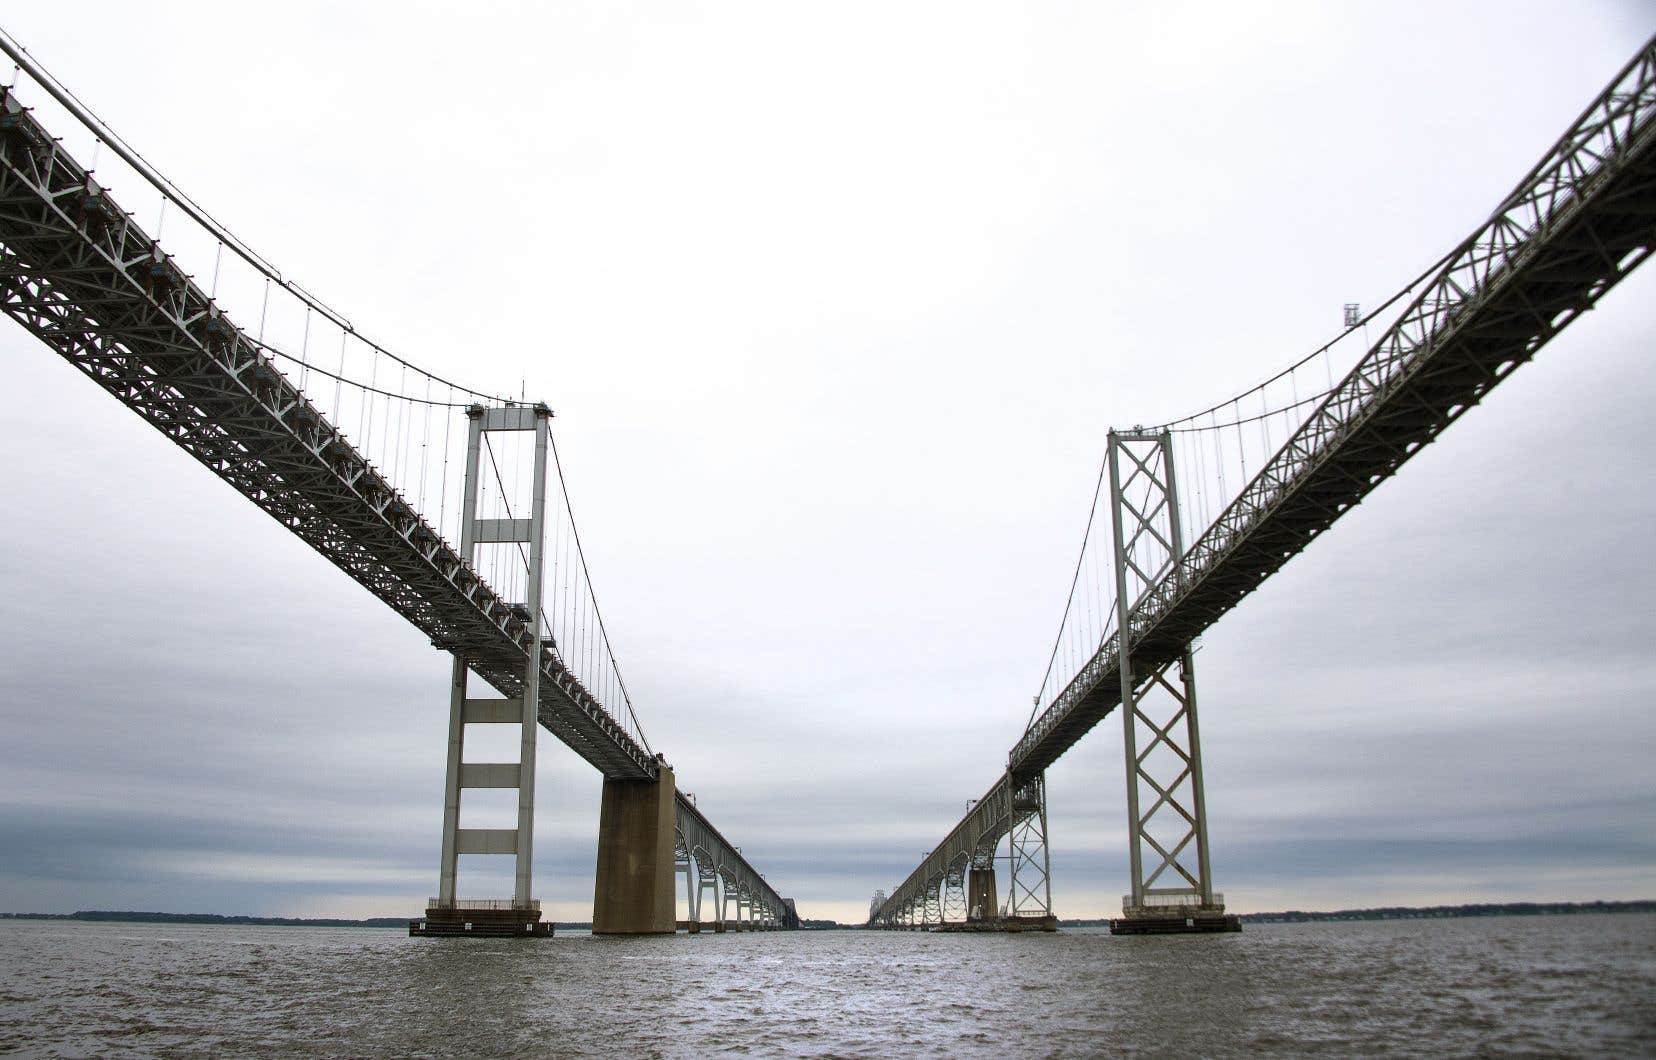 Une division de Louis Berger avait participé à la rénovation des câbles et des ancrages du pont-tunnel de Chesapeake Bay, au Maryland.